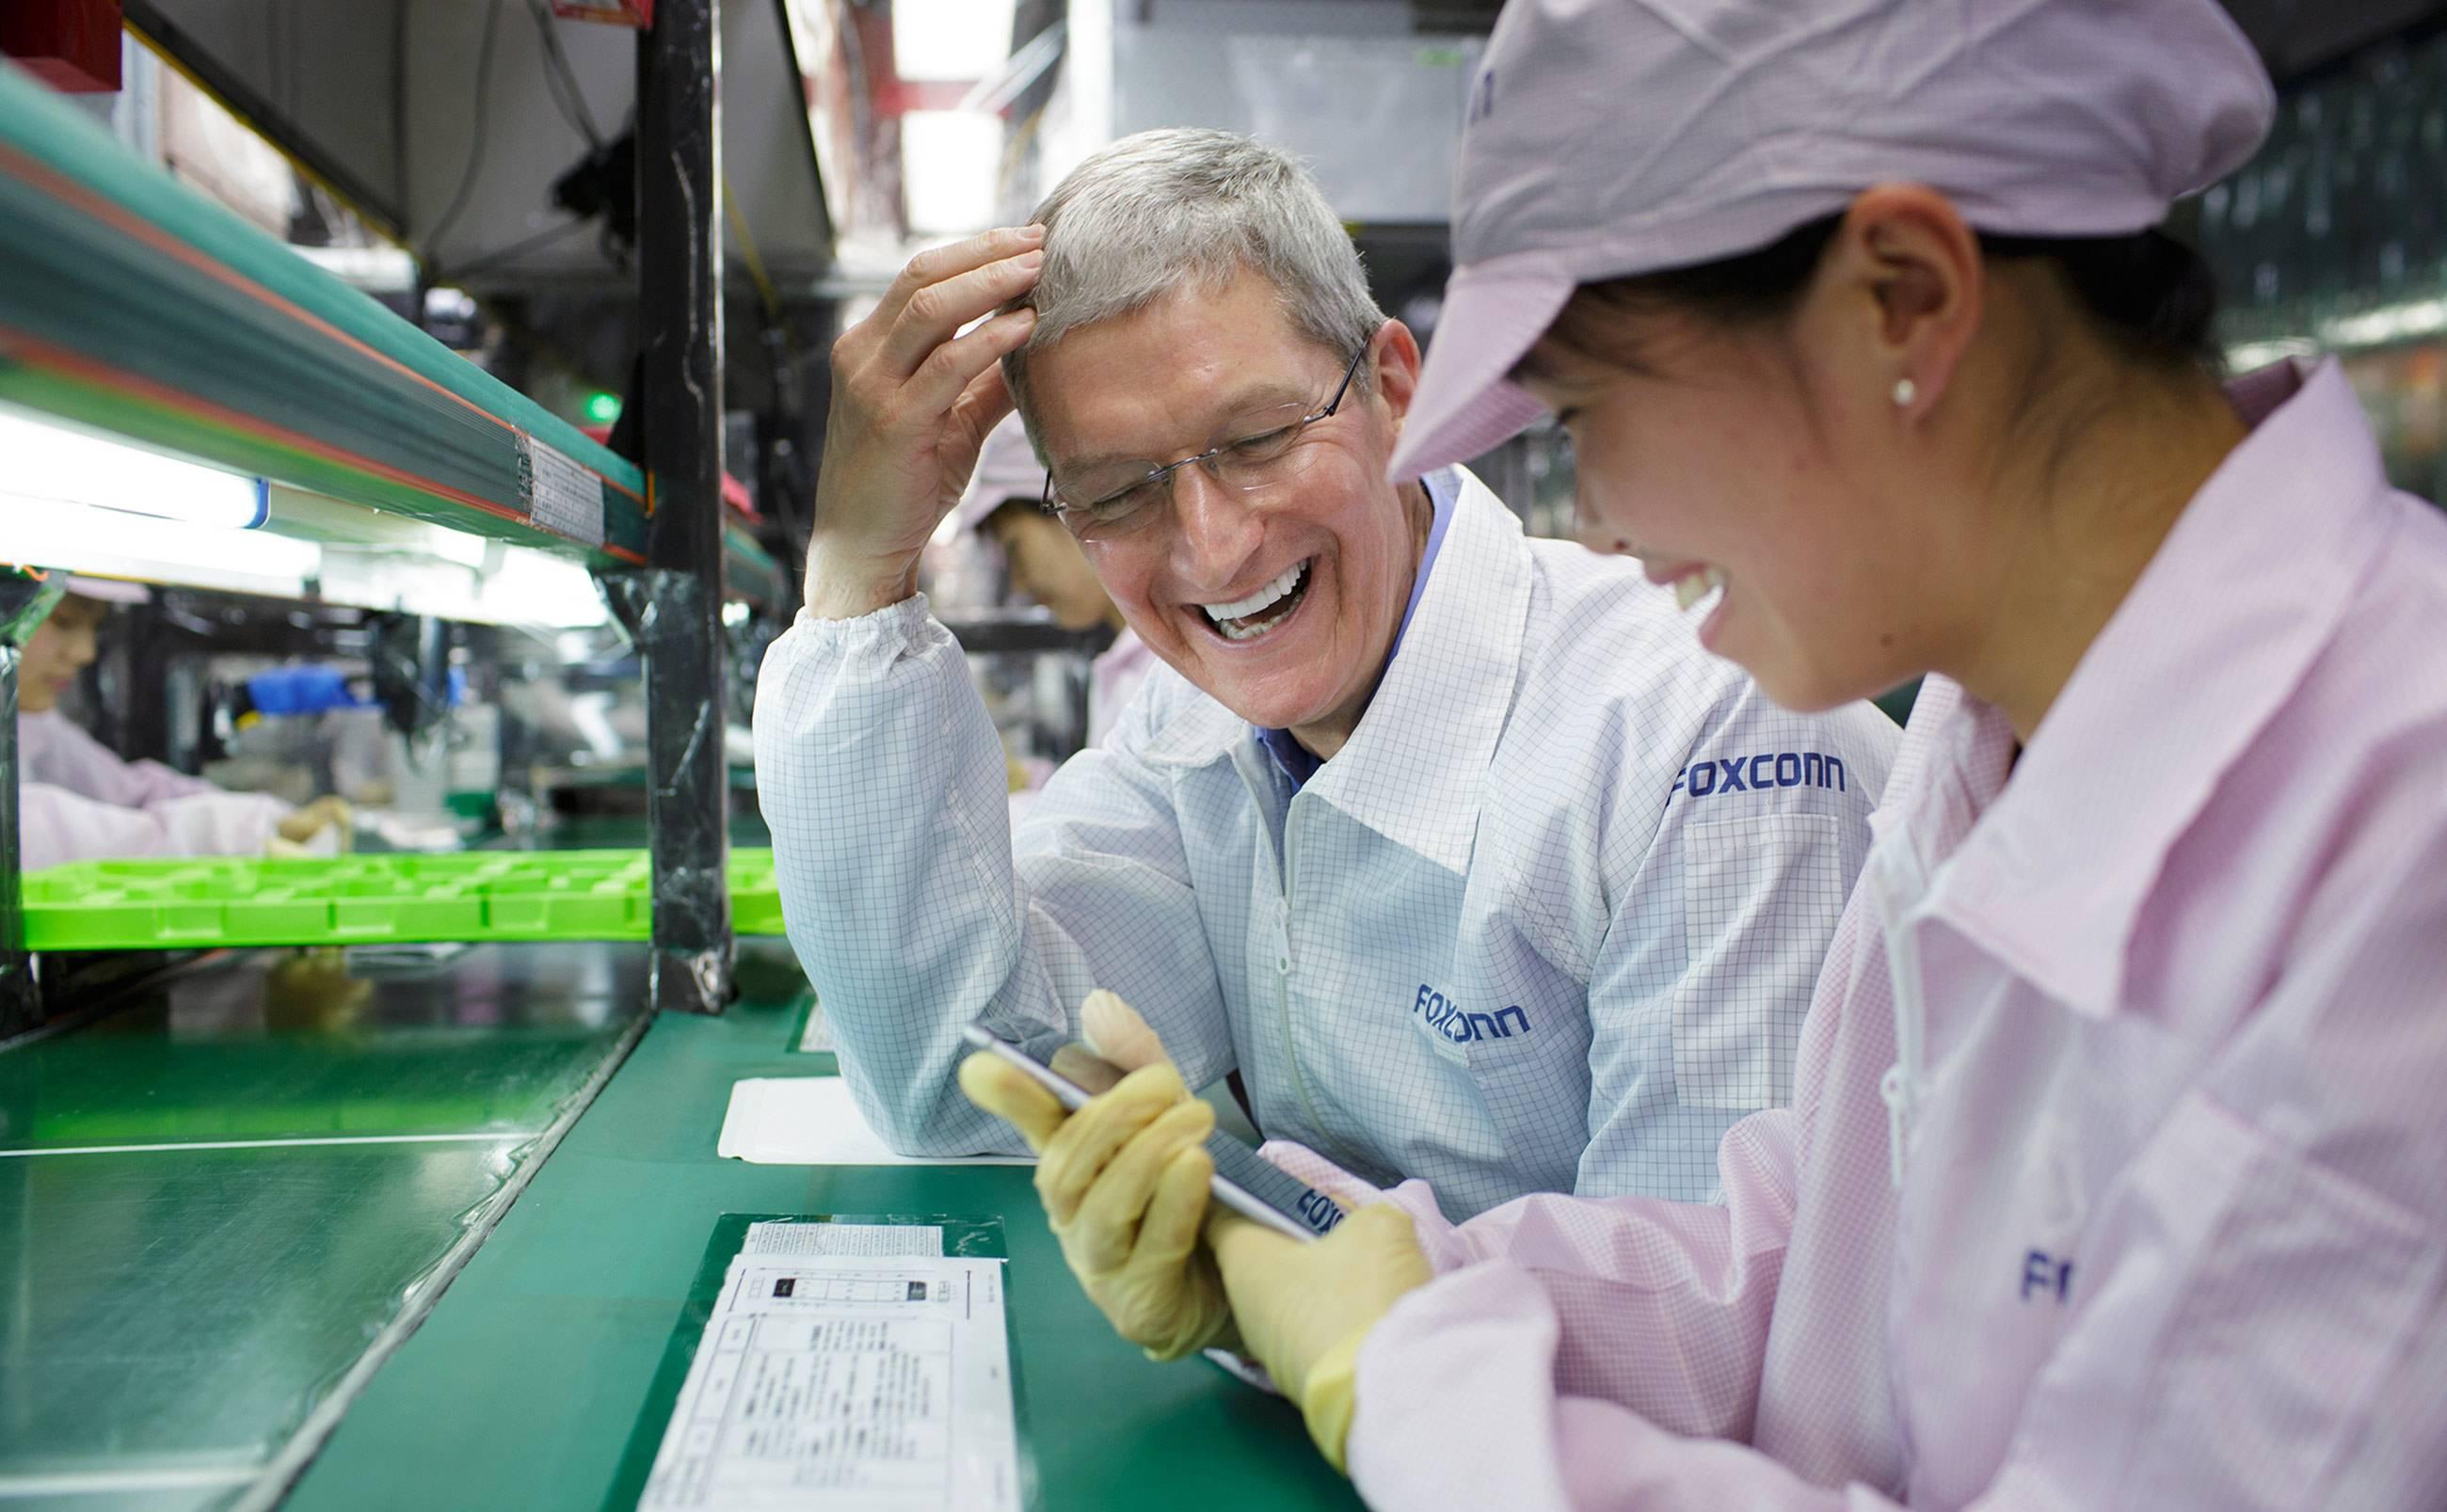 出任苹果 CEO 5 周年,蒂姆·库克做出如下总结